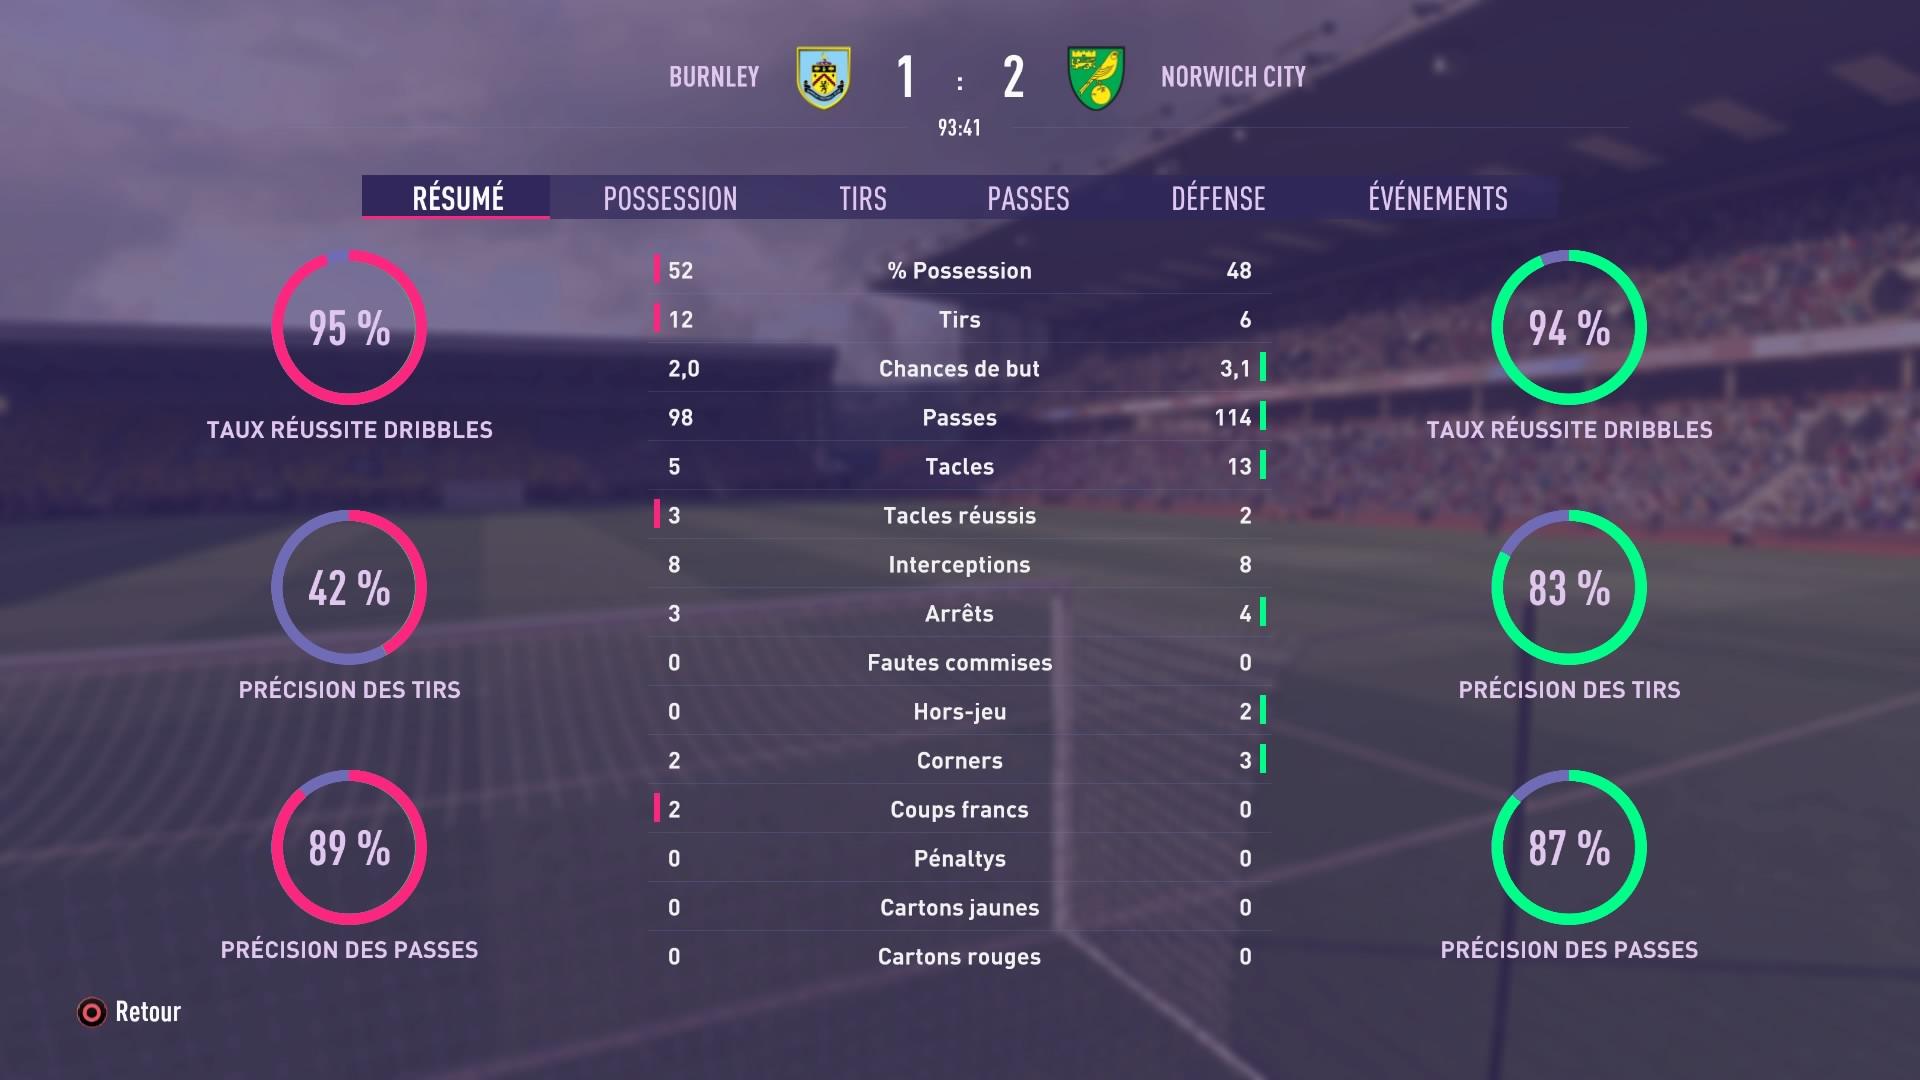 [FIFA 22] Story | Les Canaries à l'aube d'une nouvelle ère Fifa_273